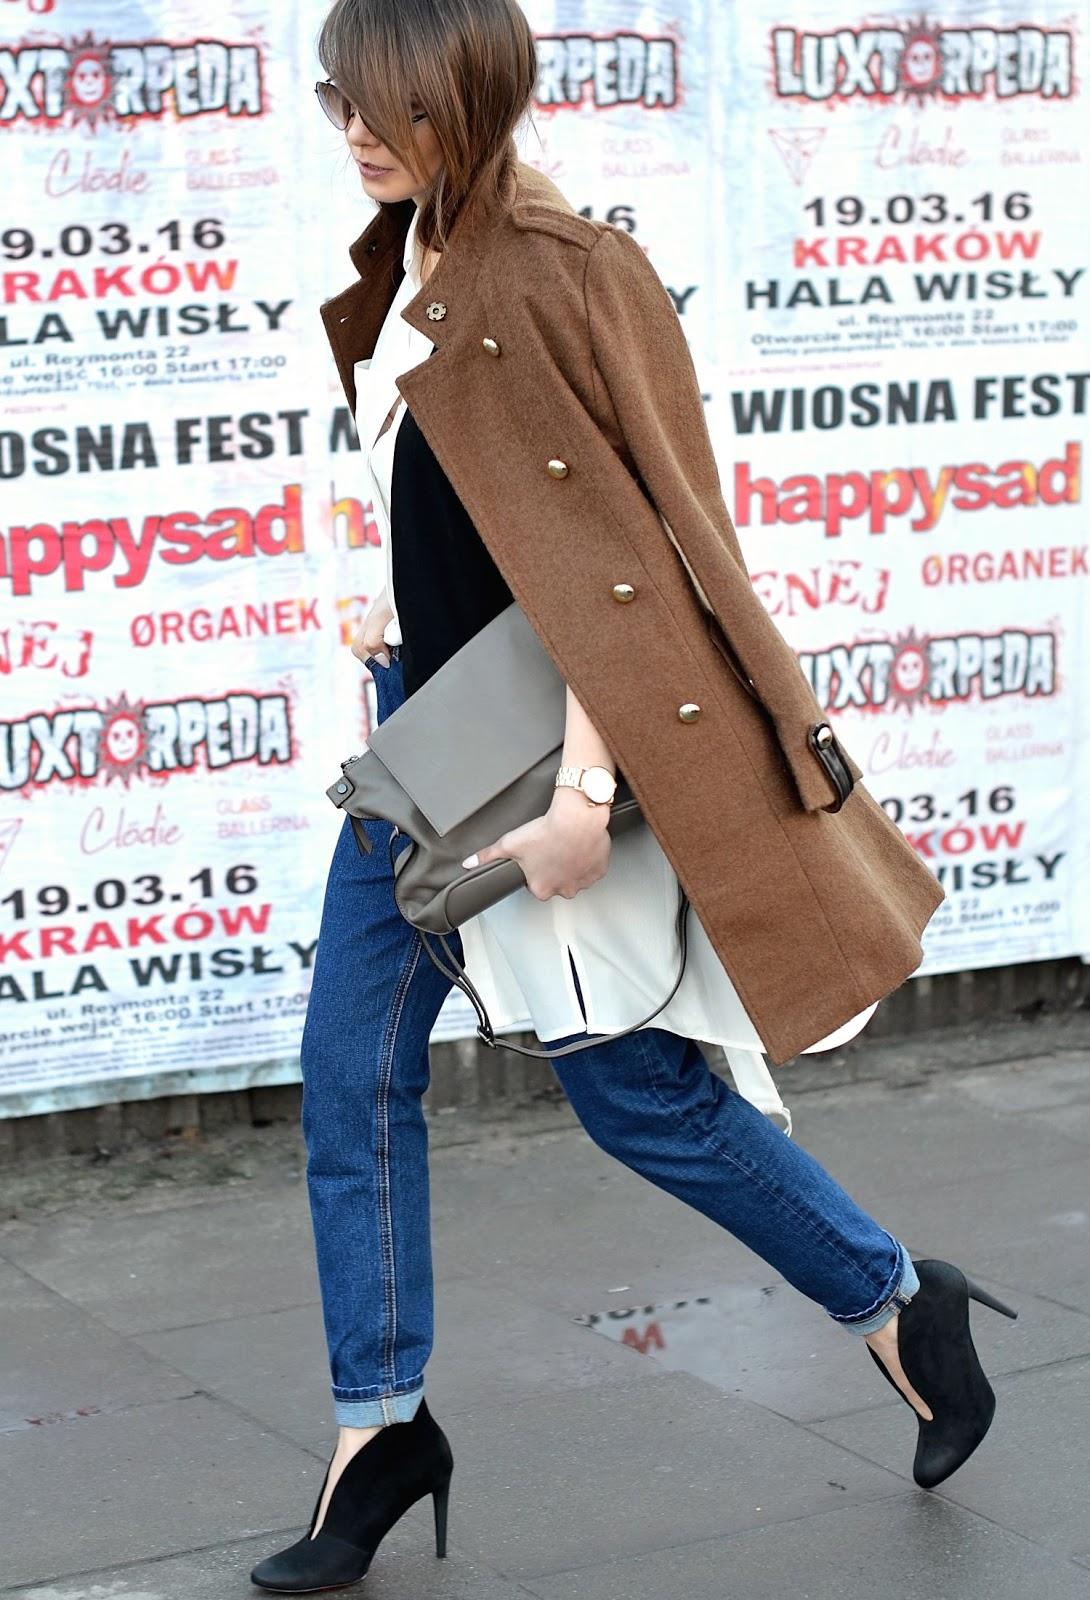 welniany plaszcz | blogi modowe | blogerka modowa | casual na co dzien| jak wygladac stylowo